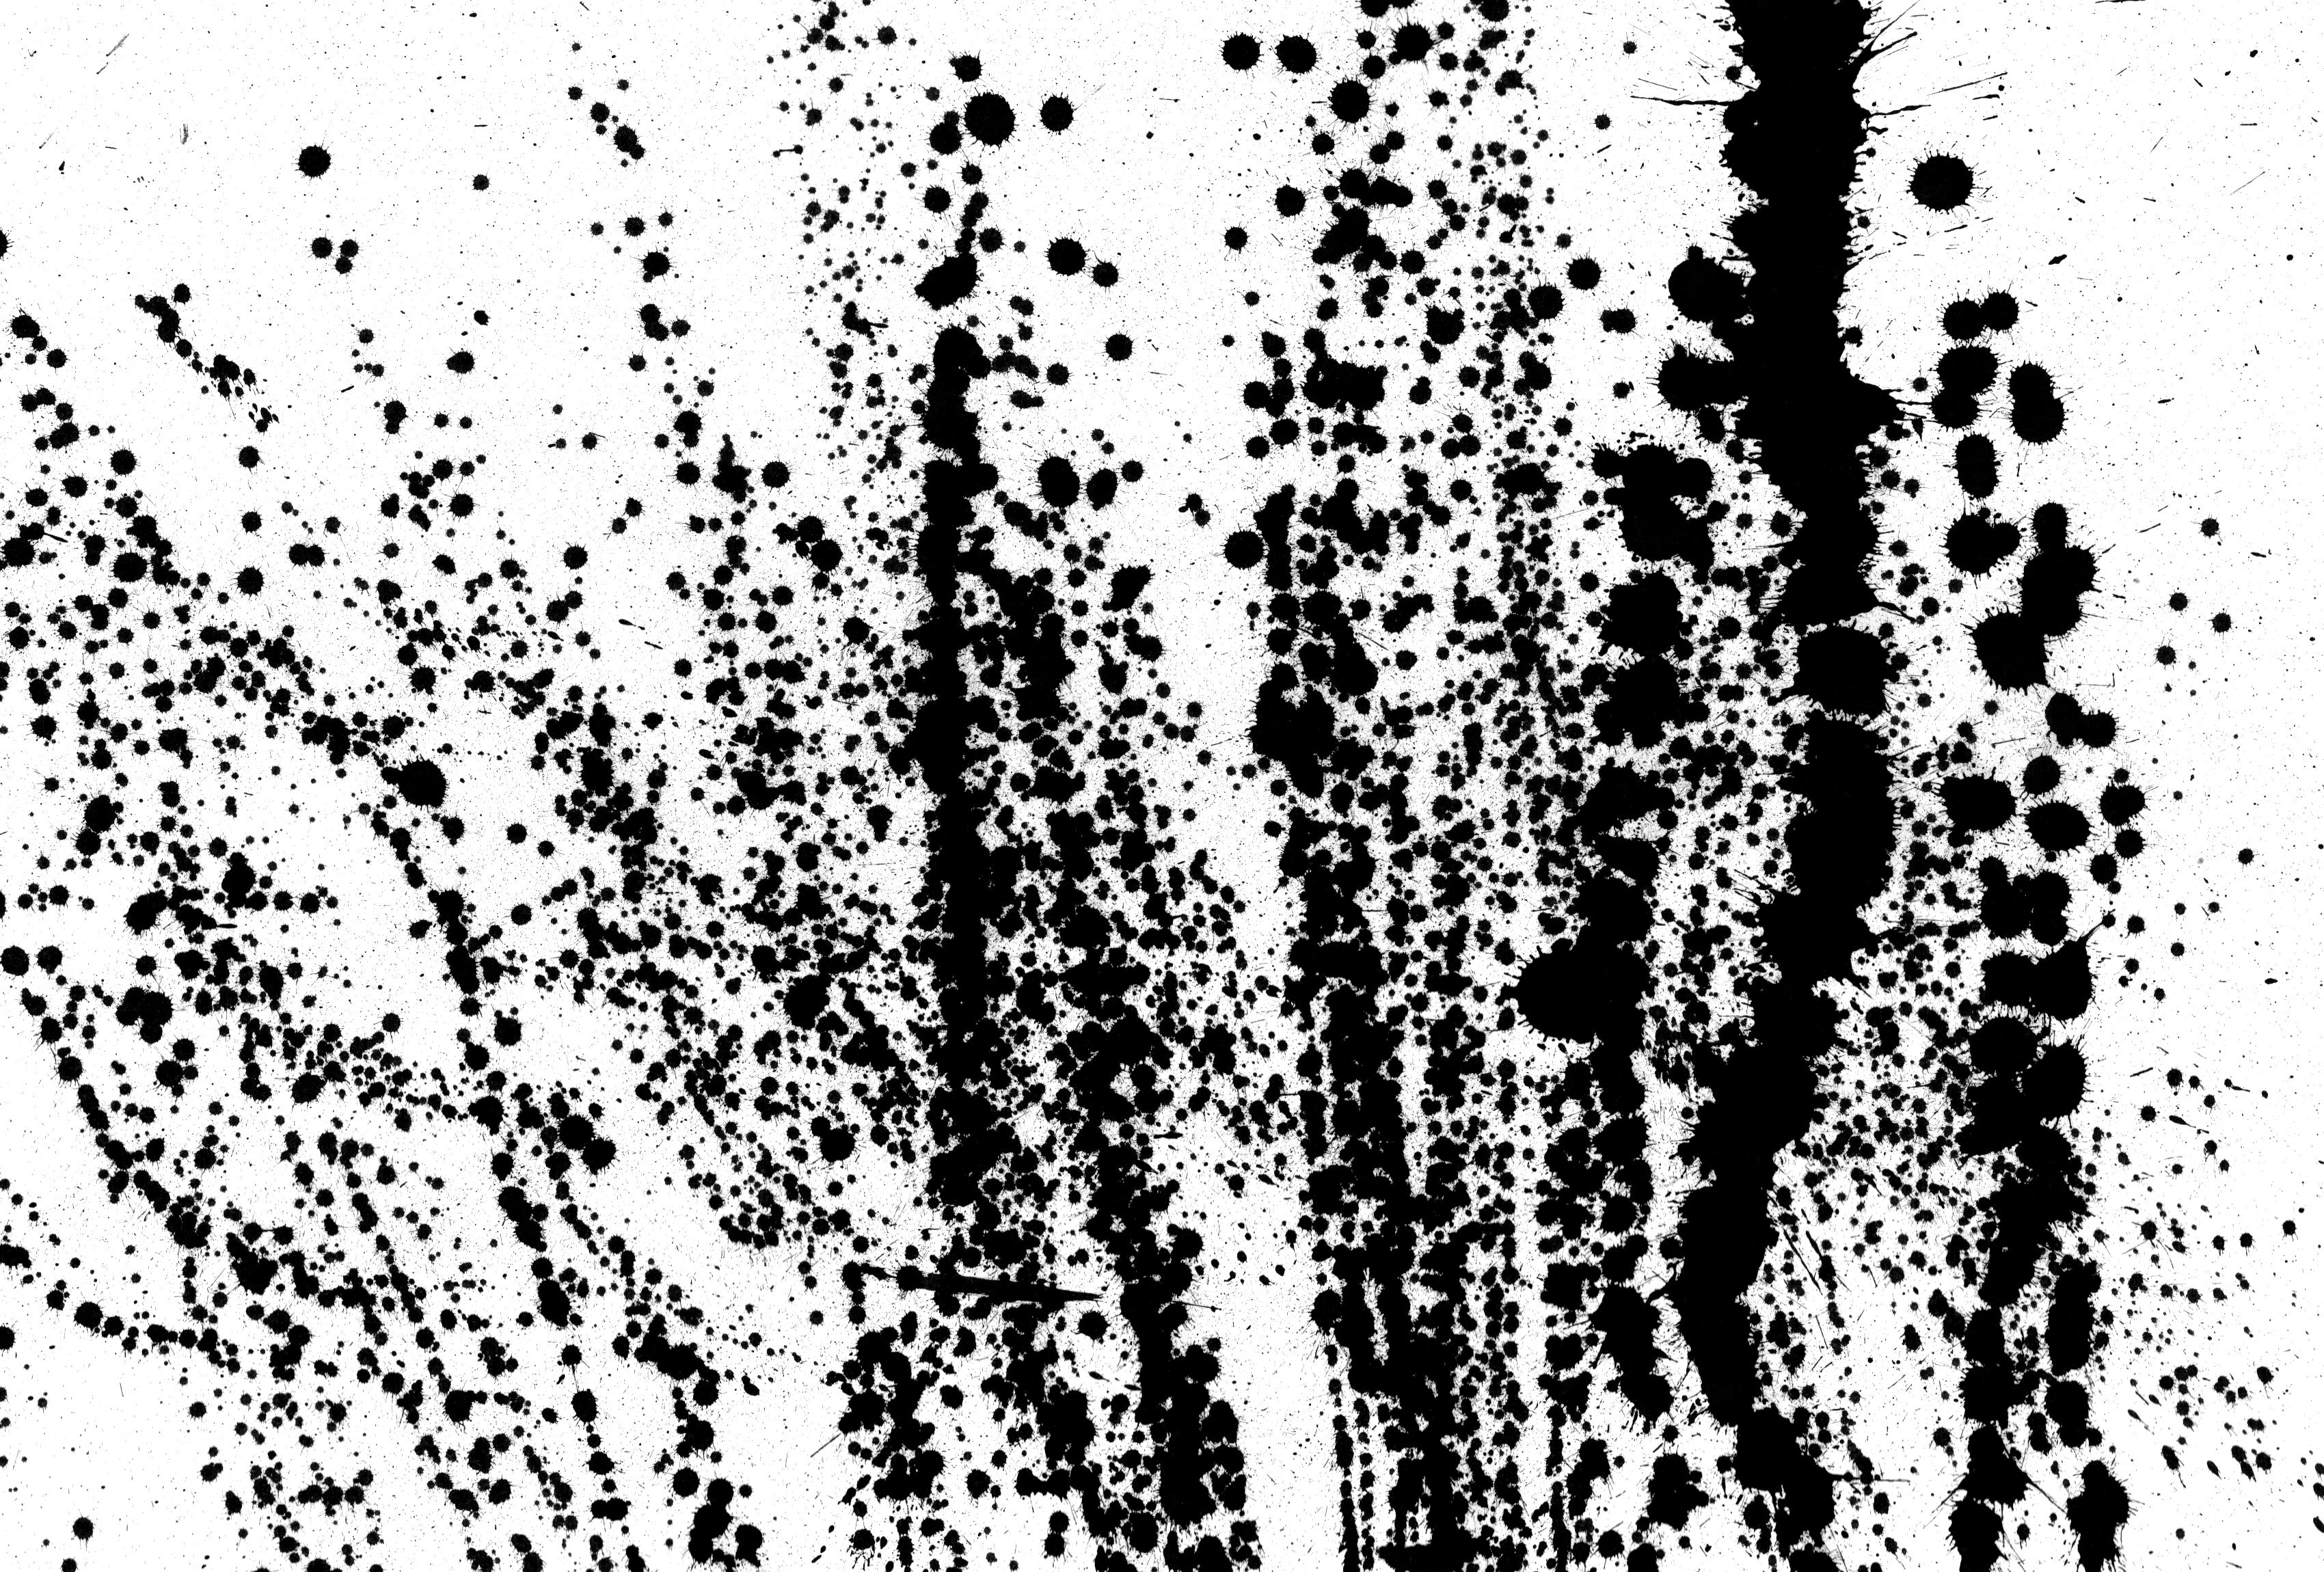 Oil Paint Splatter